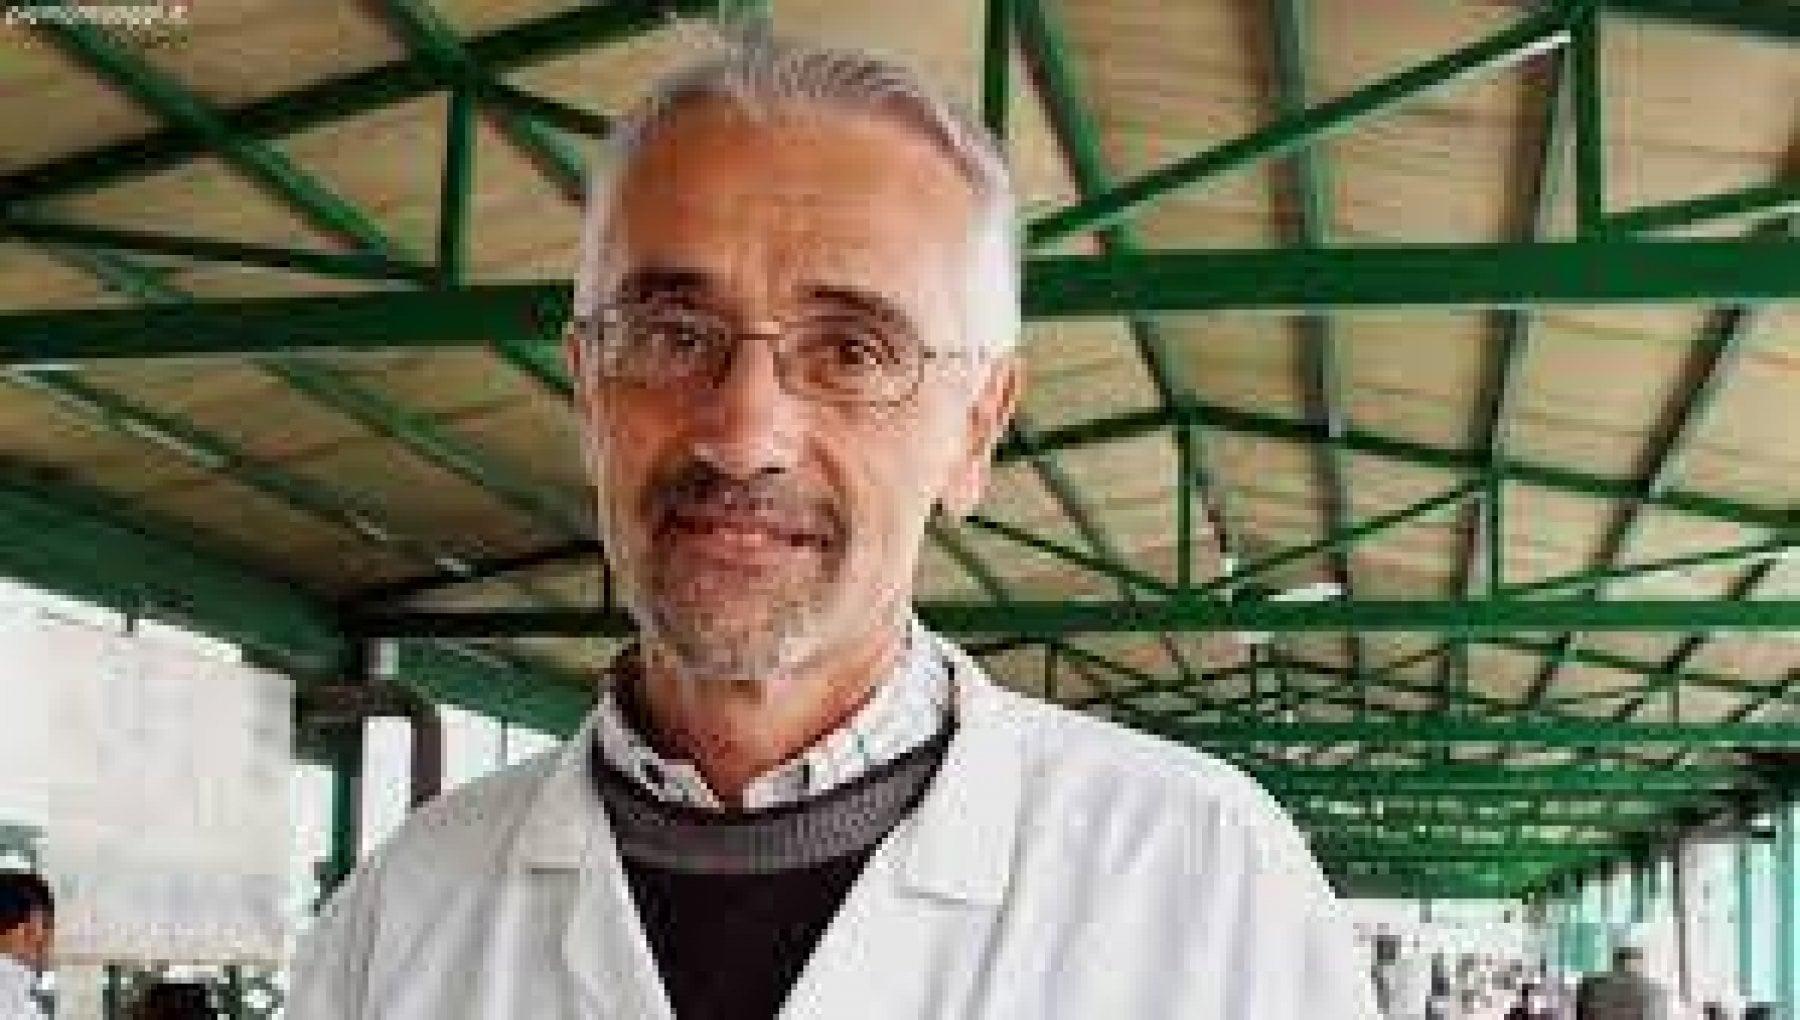 """114046752 7c1ee371 84be 4dc6 8399 011c7f97f14f - Il premio giornalistico """"Premiolino"""" ad Alberto Cairo"""